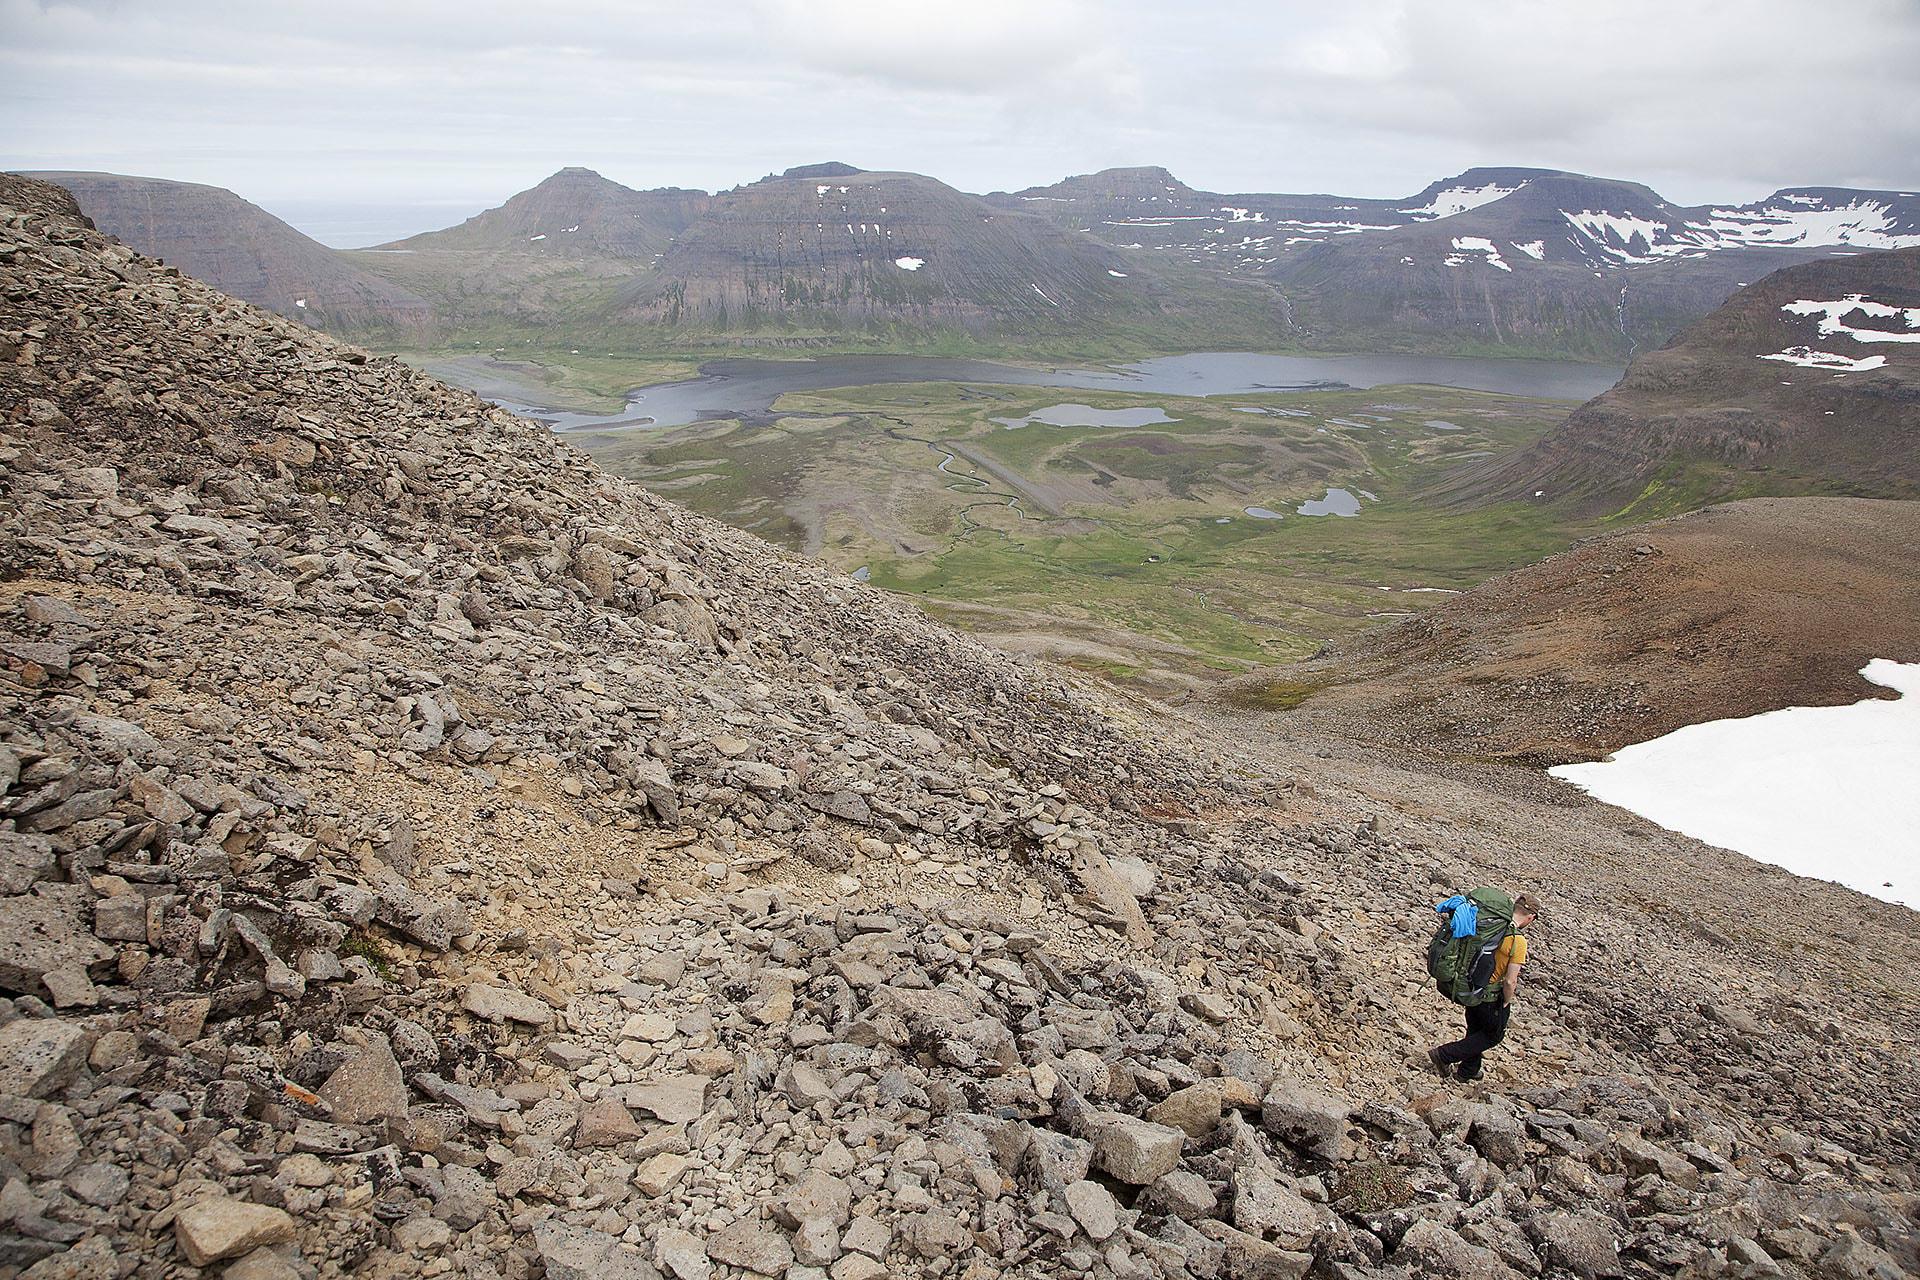 Despite its remoteness there are trails.